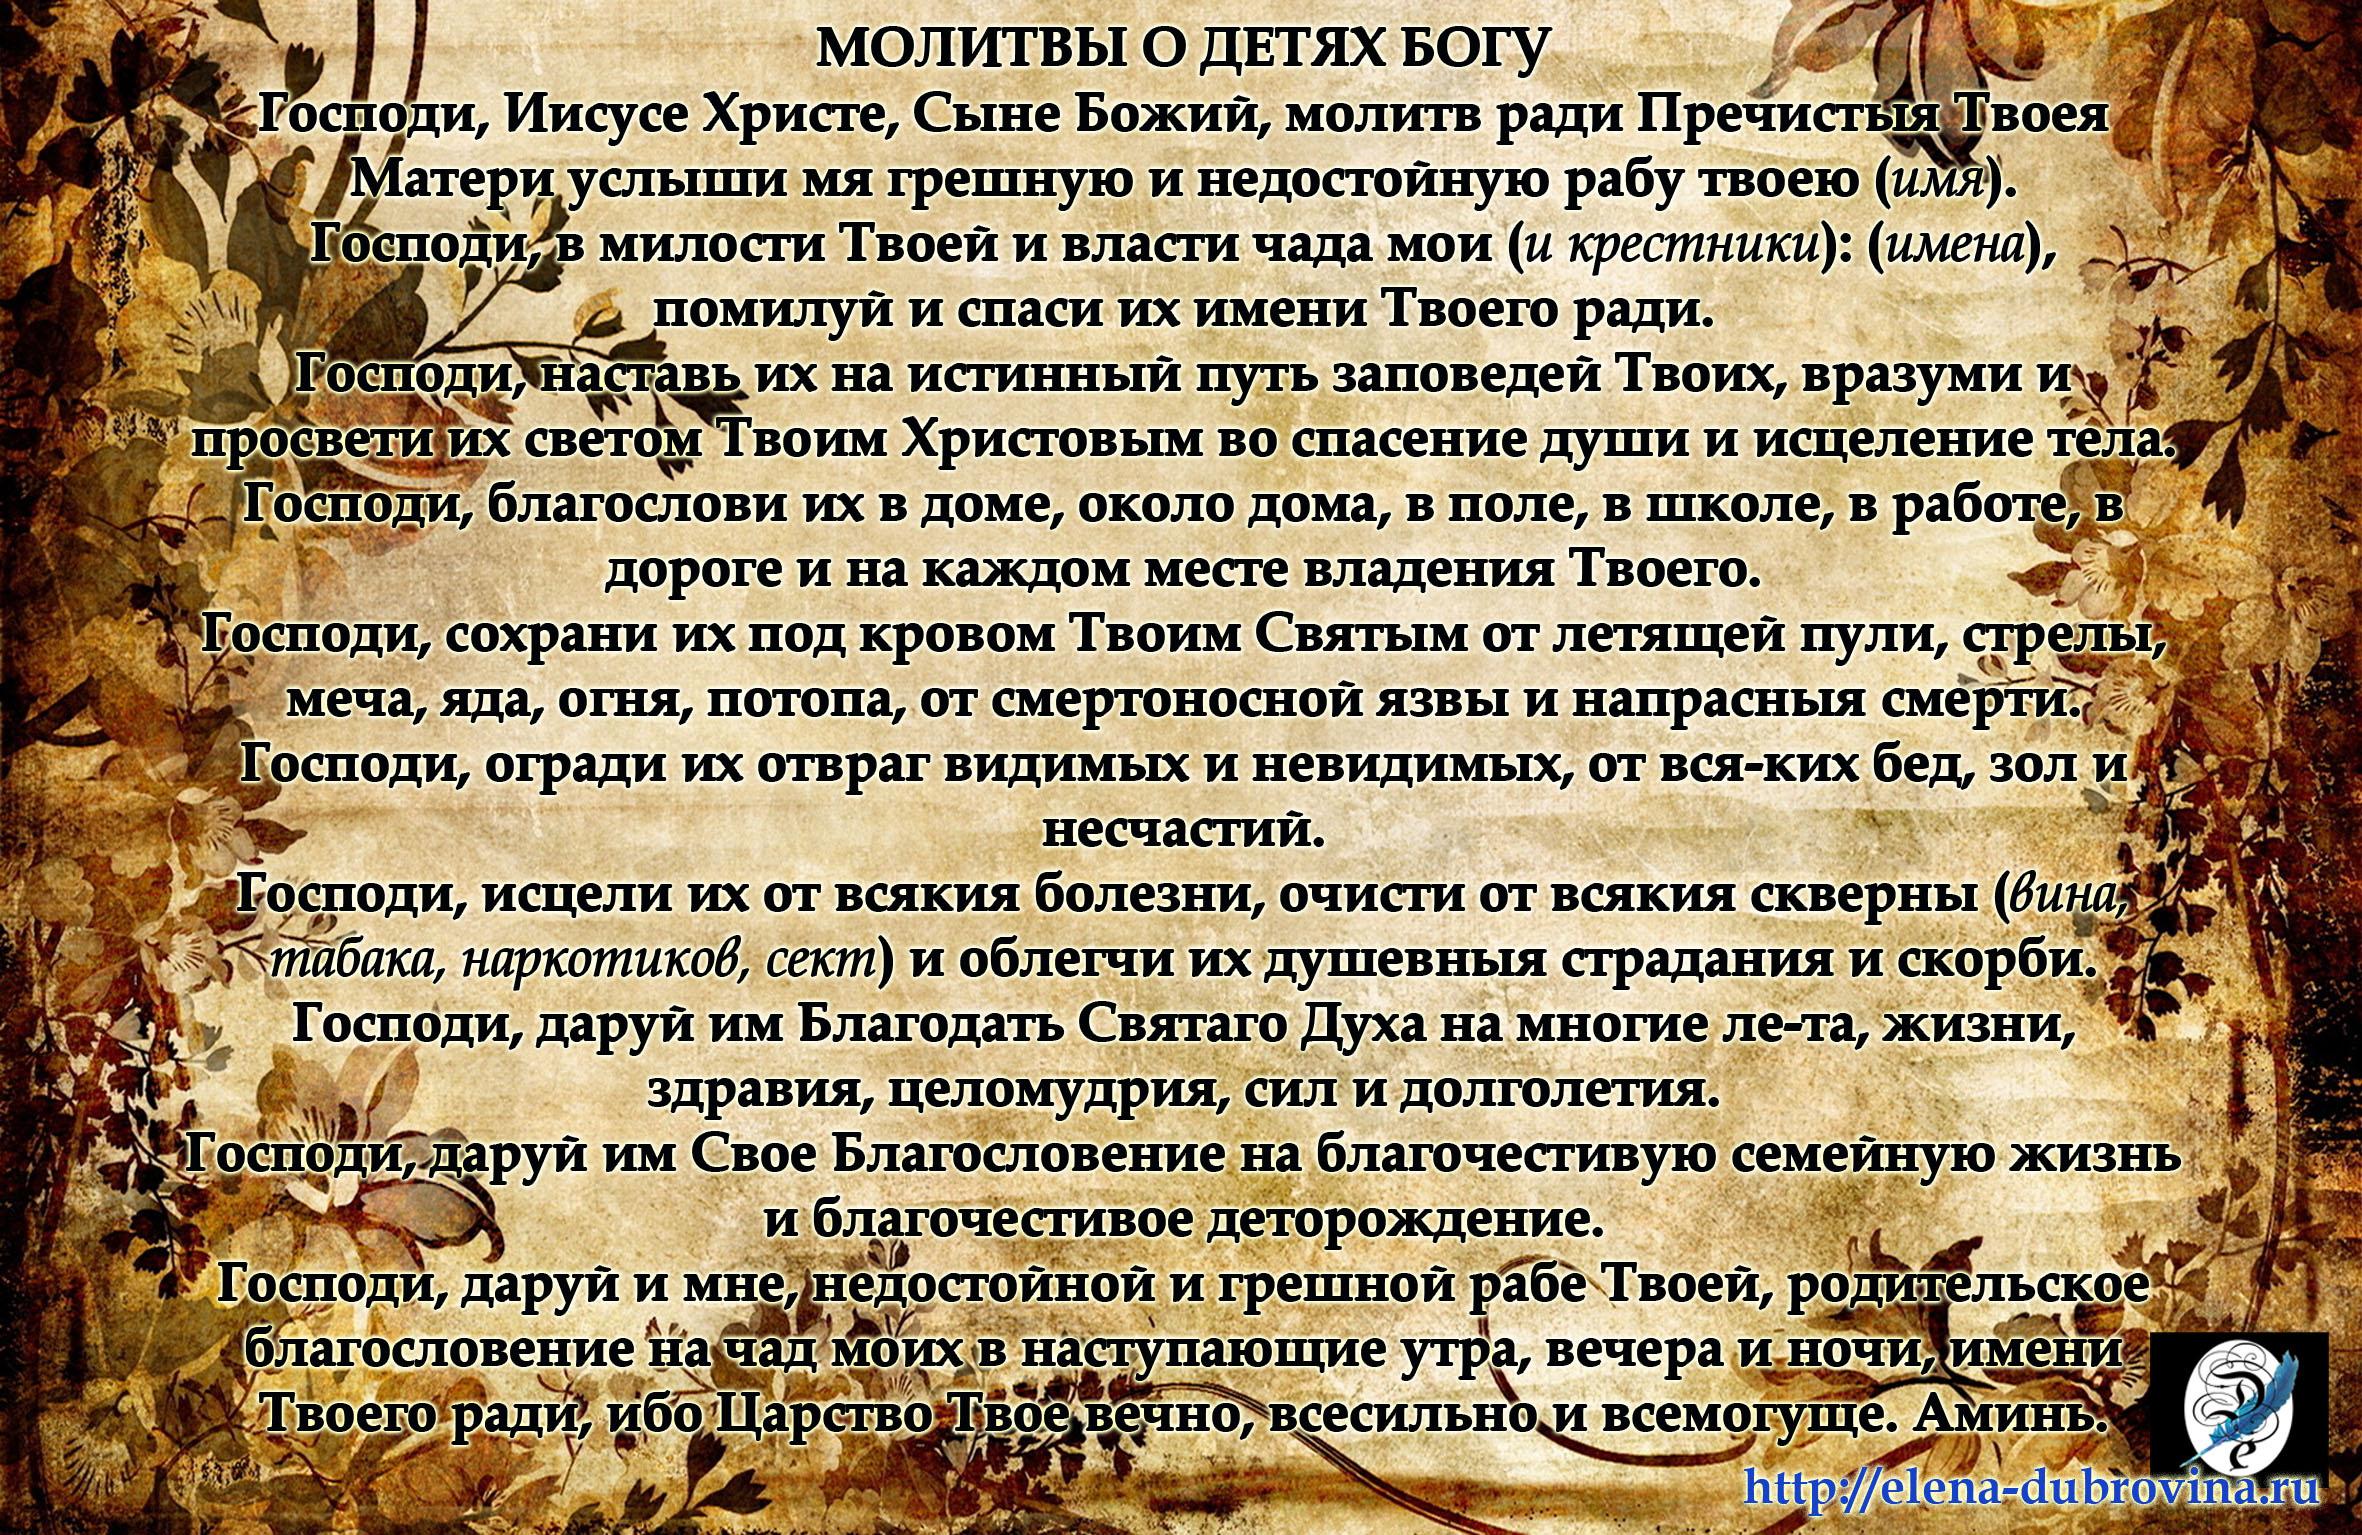 молитва Богу за детей статья Елены Дубровиной, http://elena-dubrovina.ru/ рубрика «Колики»